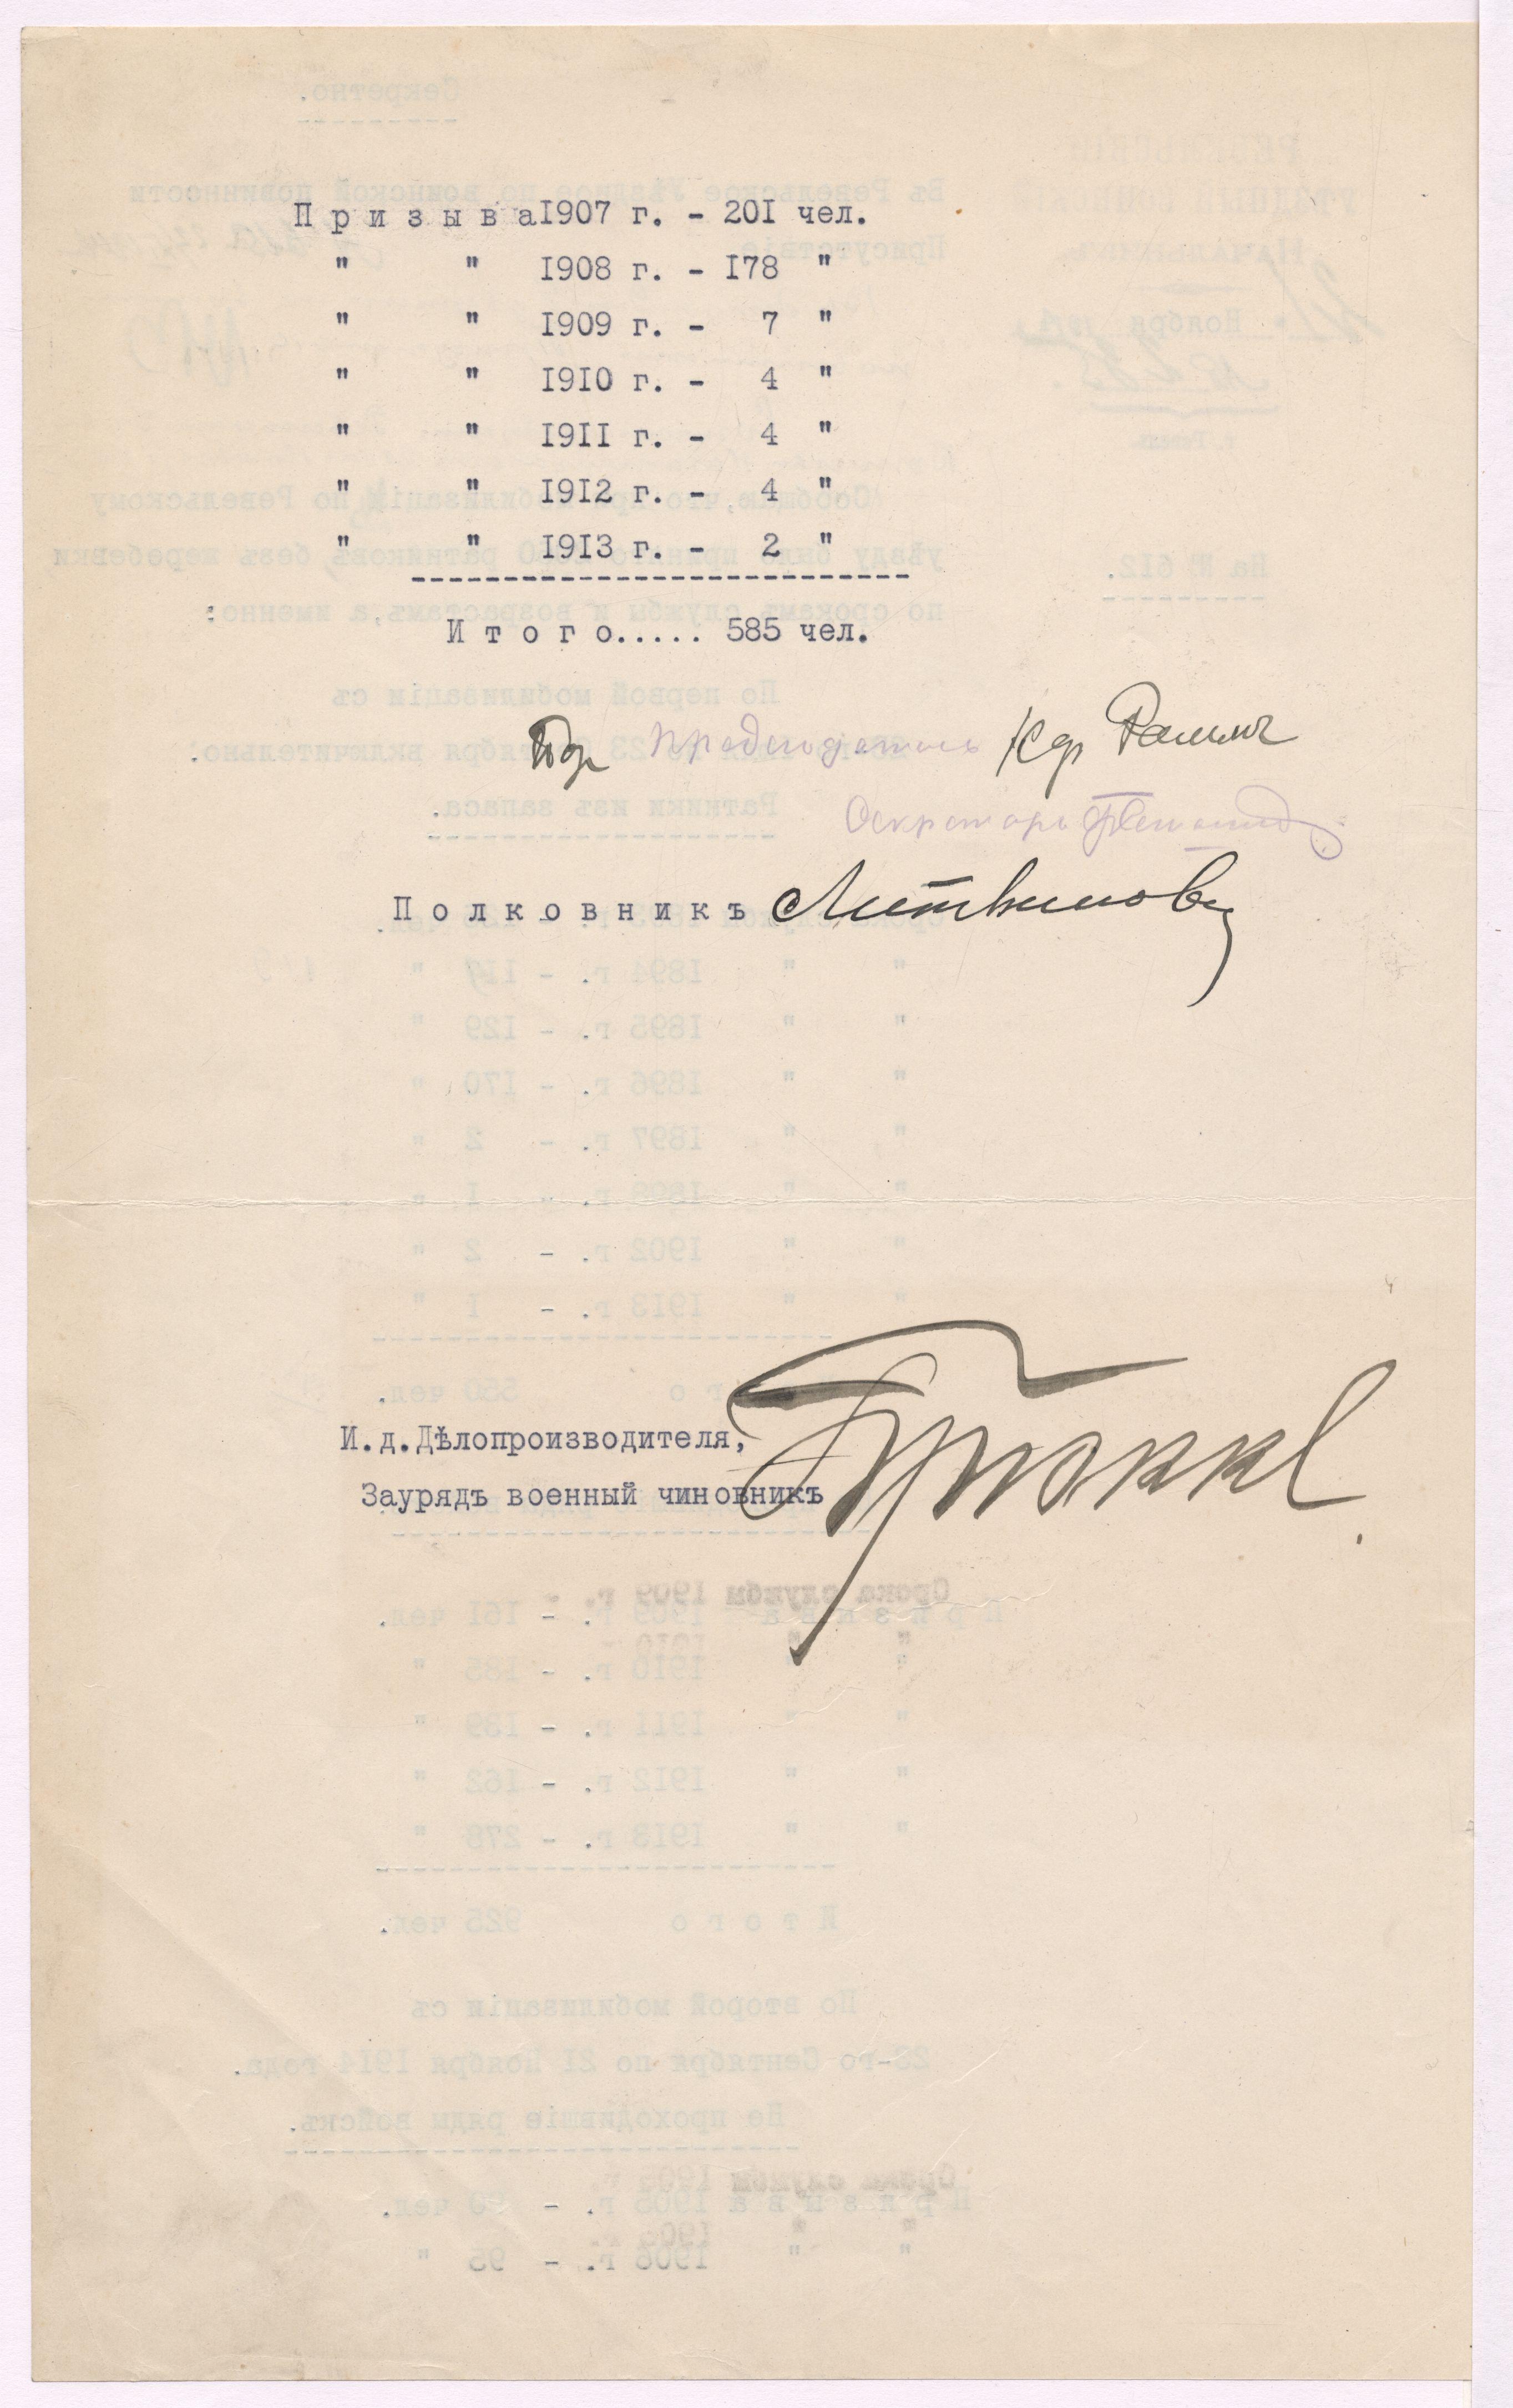 Polkovnik Litvinovi salajane teadaanne 1. ja 2. mobilisatsiooni tulemuste kohta. EAA.47.1.589